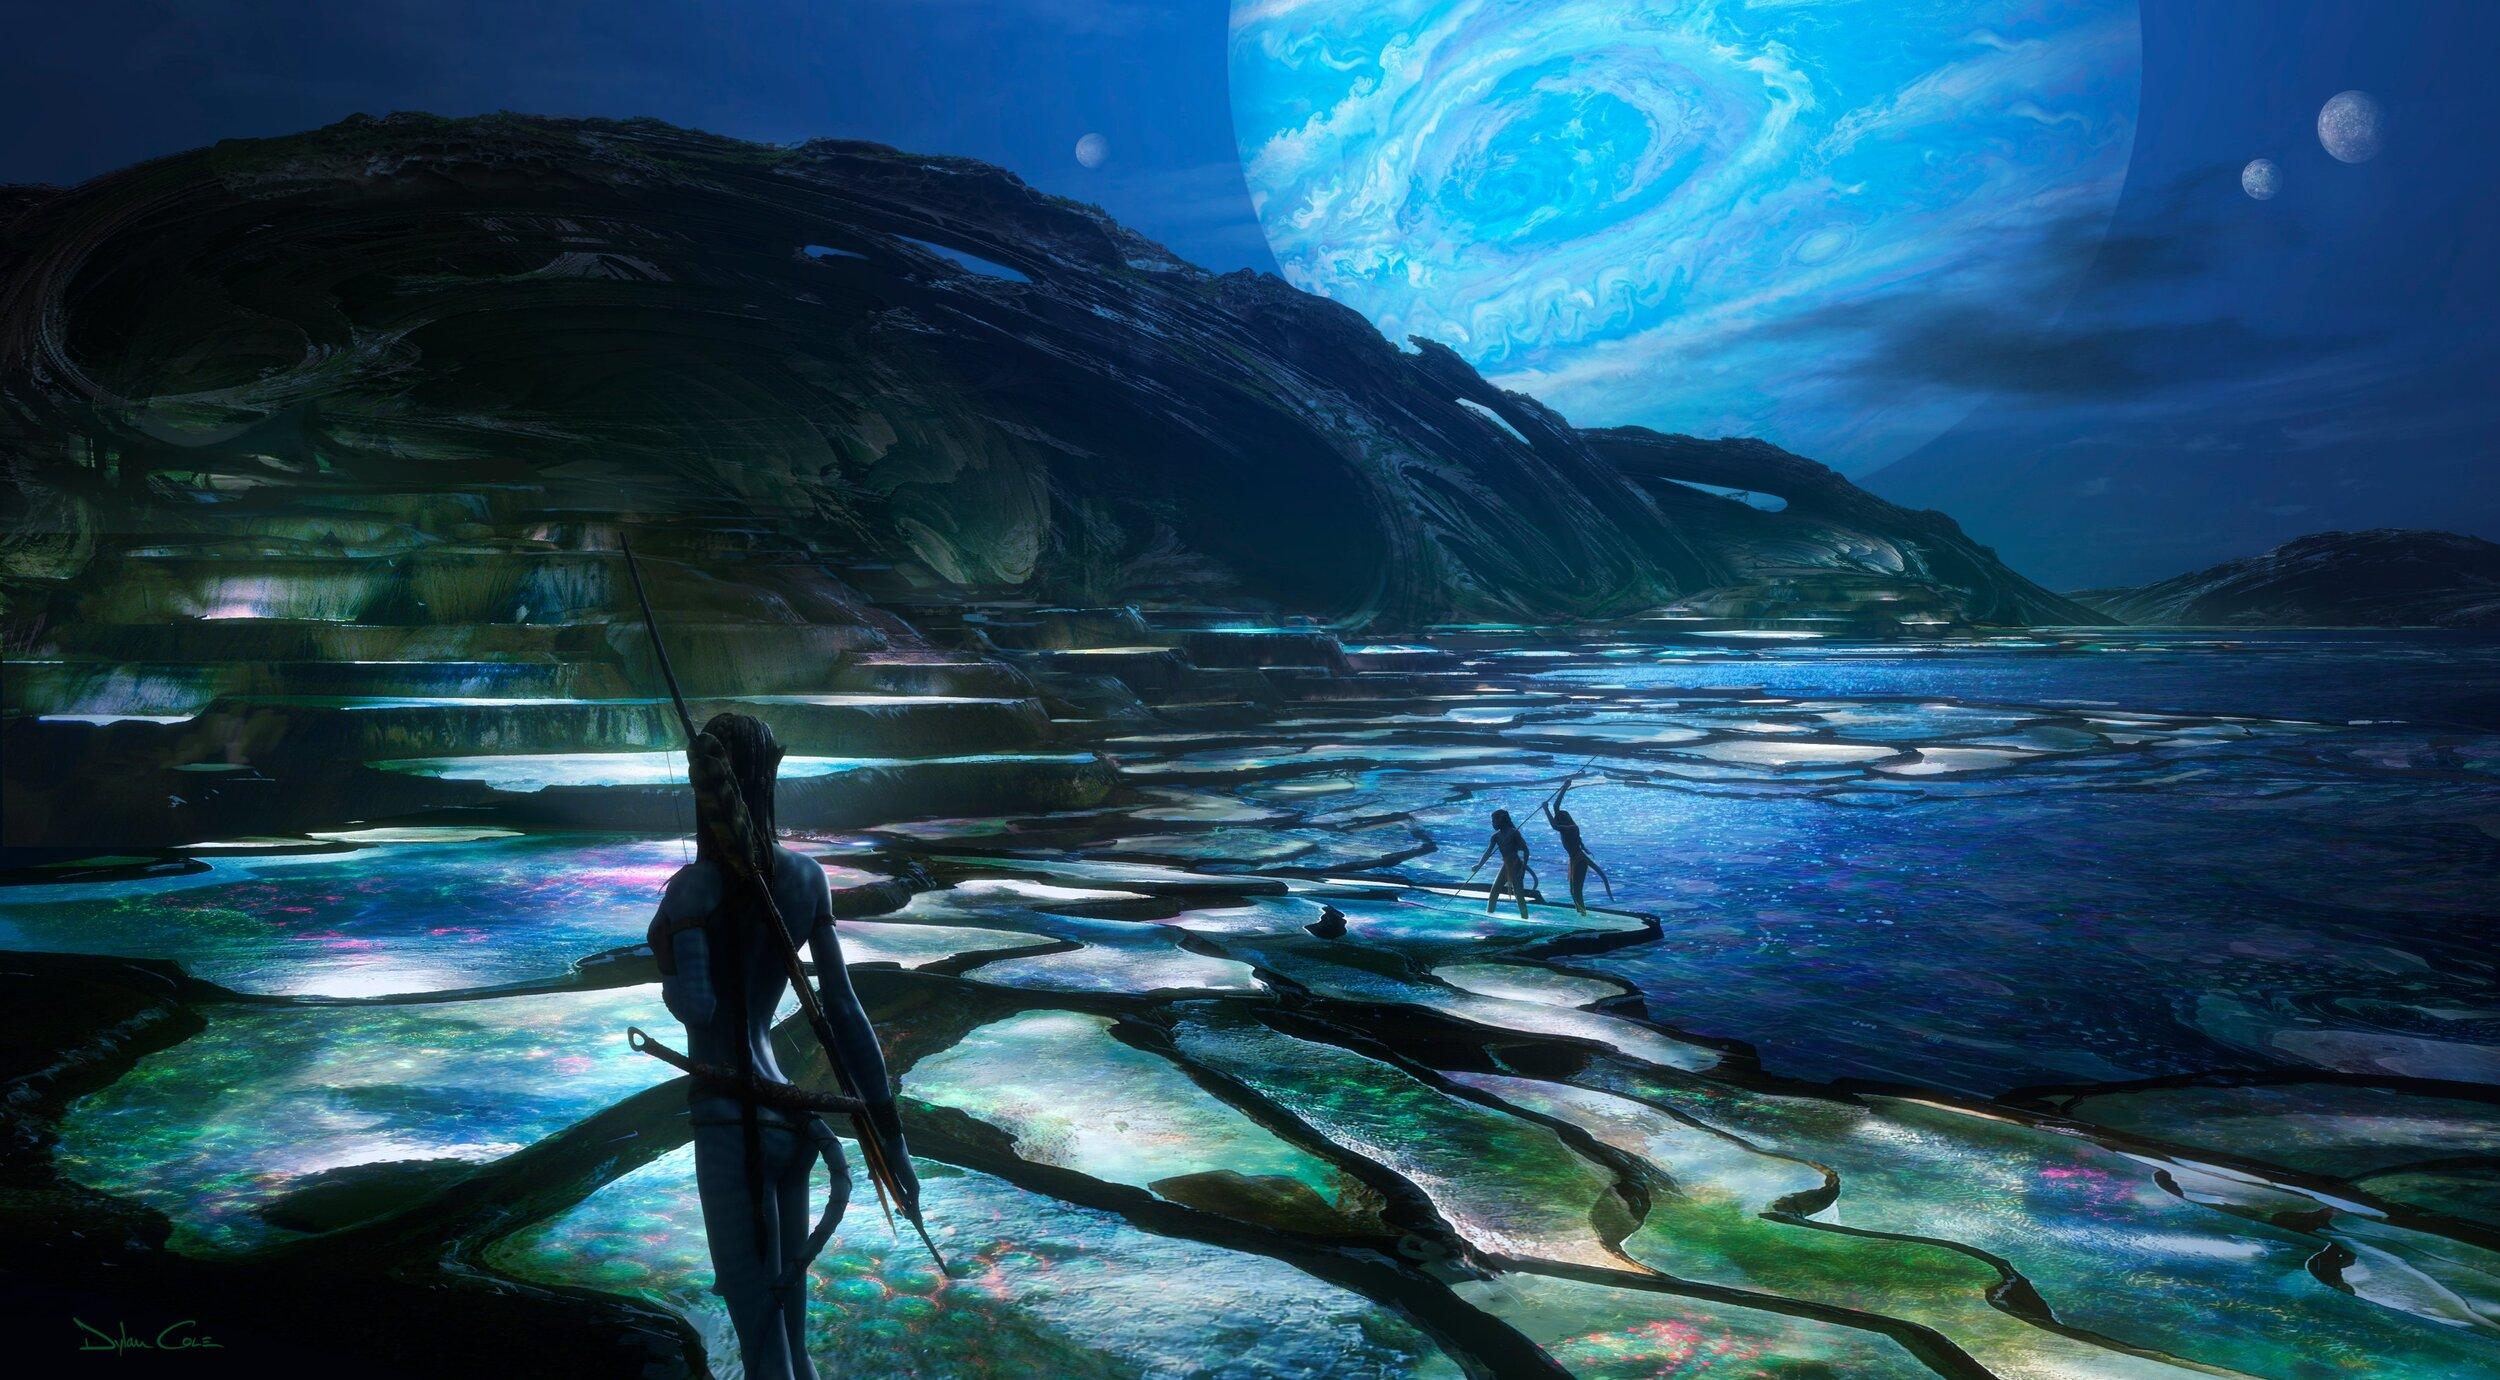 avatar 2 concept art film (4)